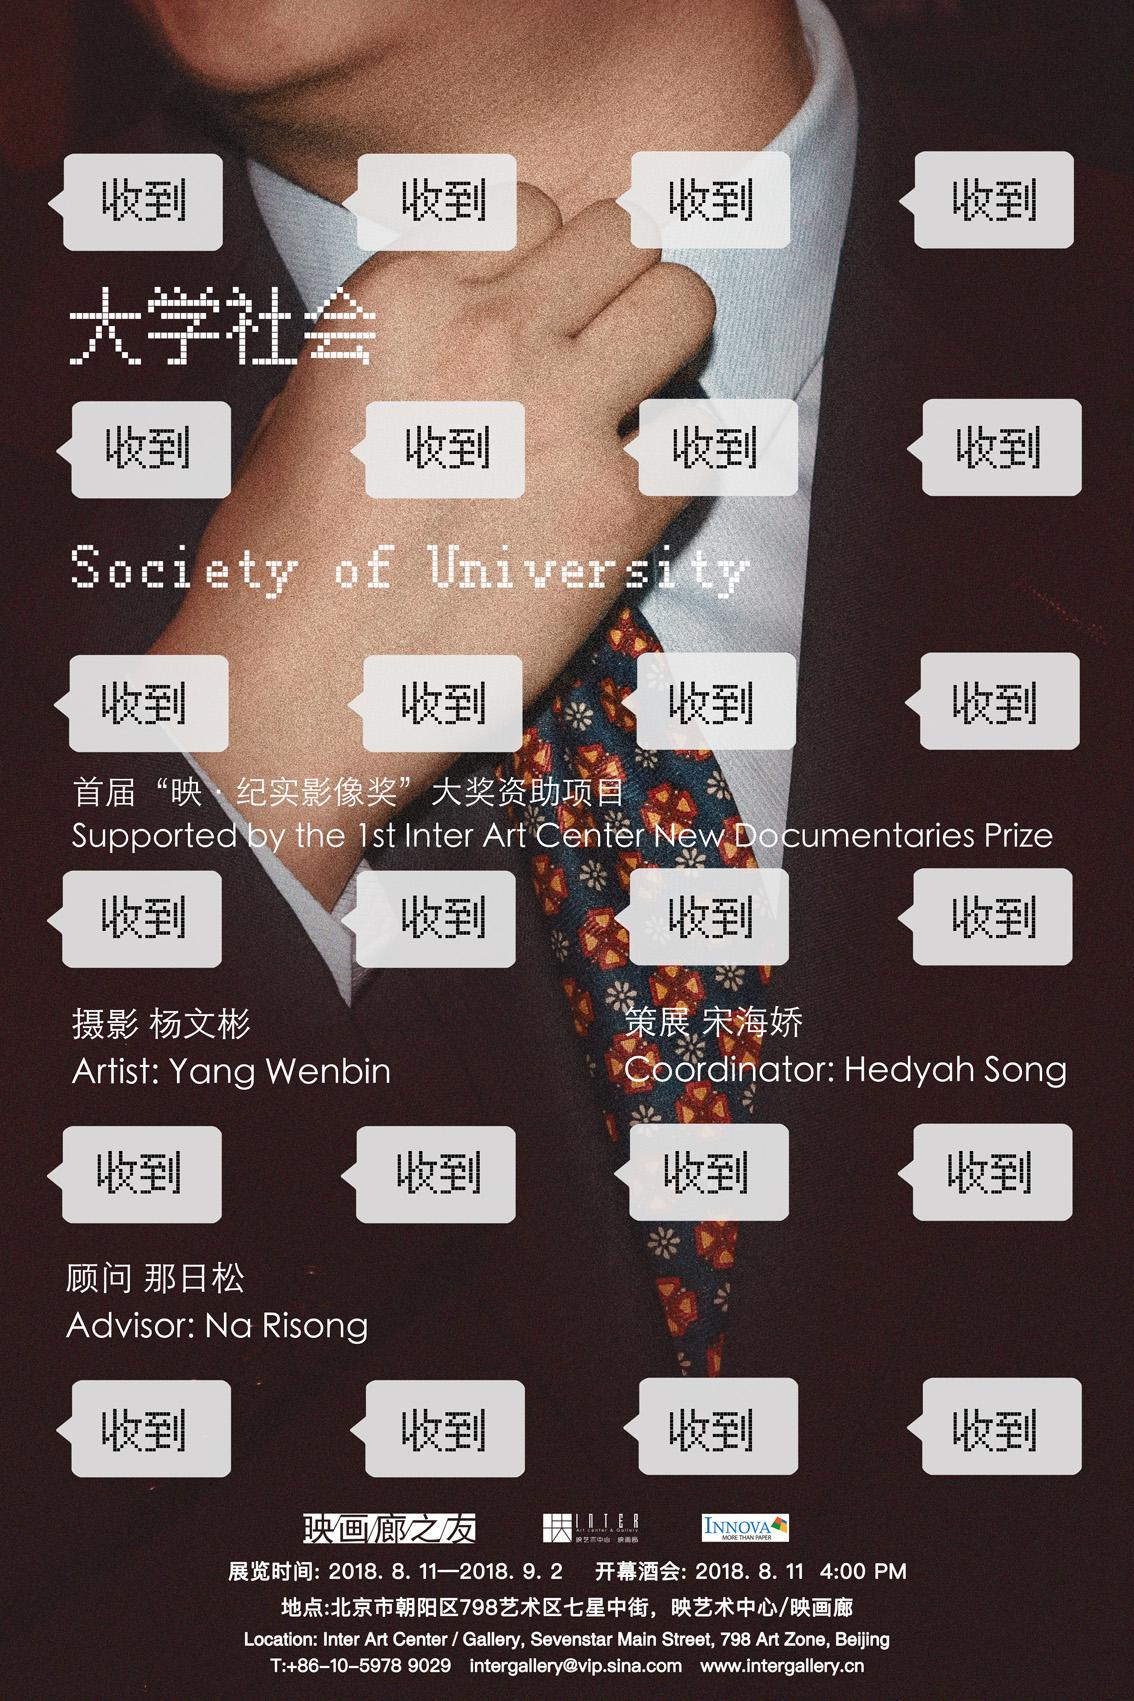 Society of University